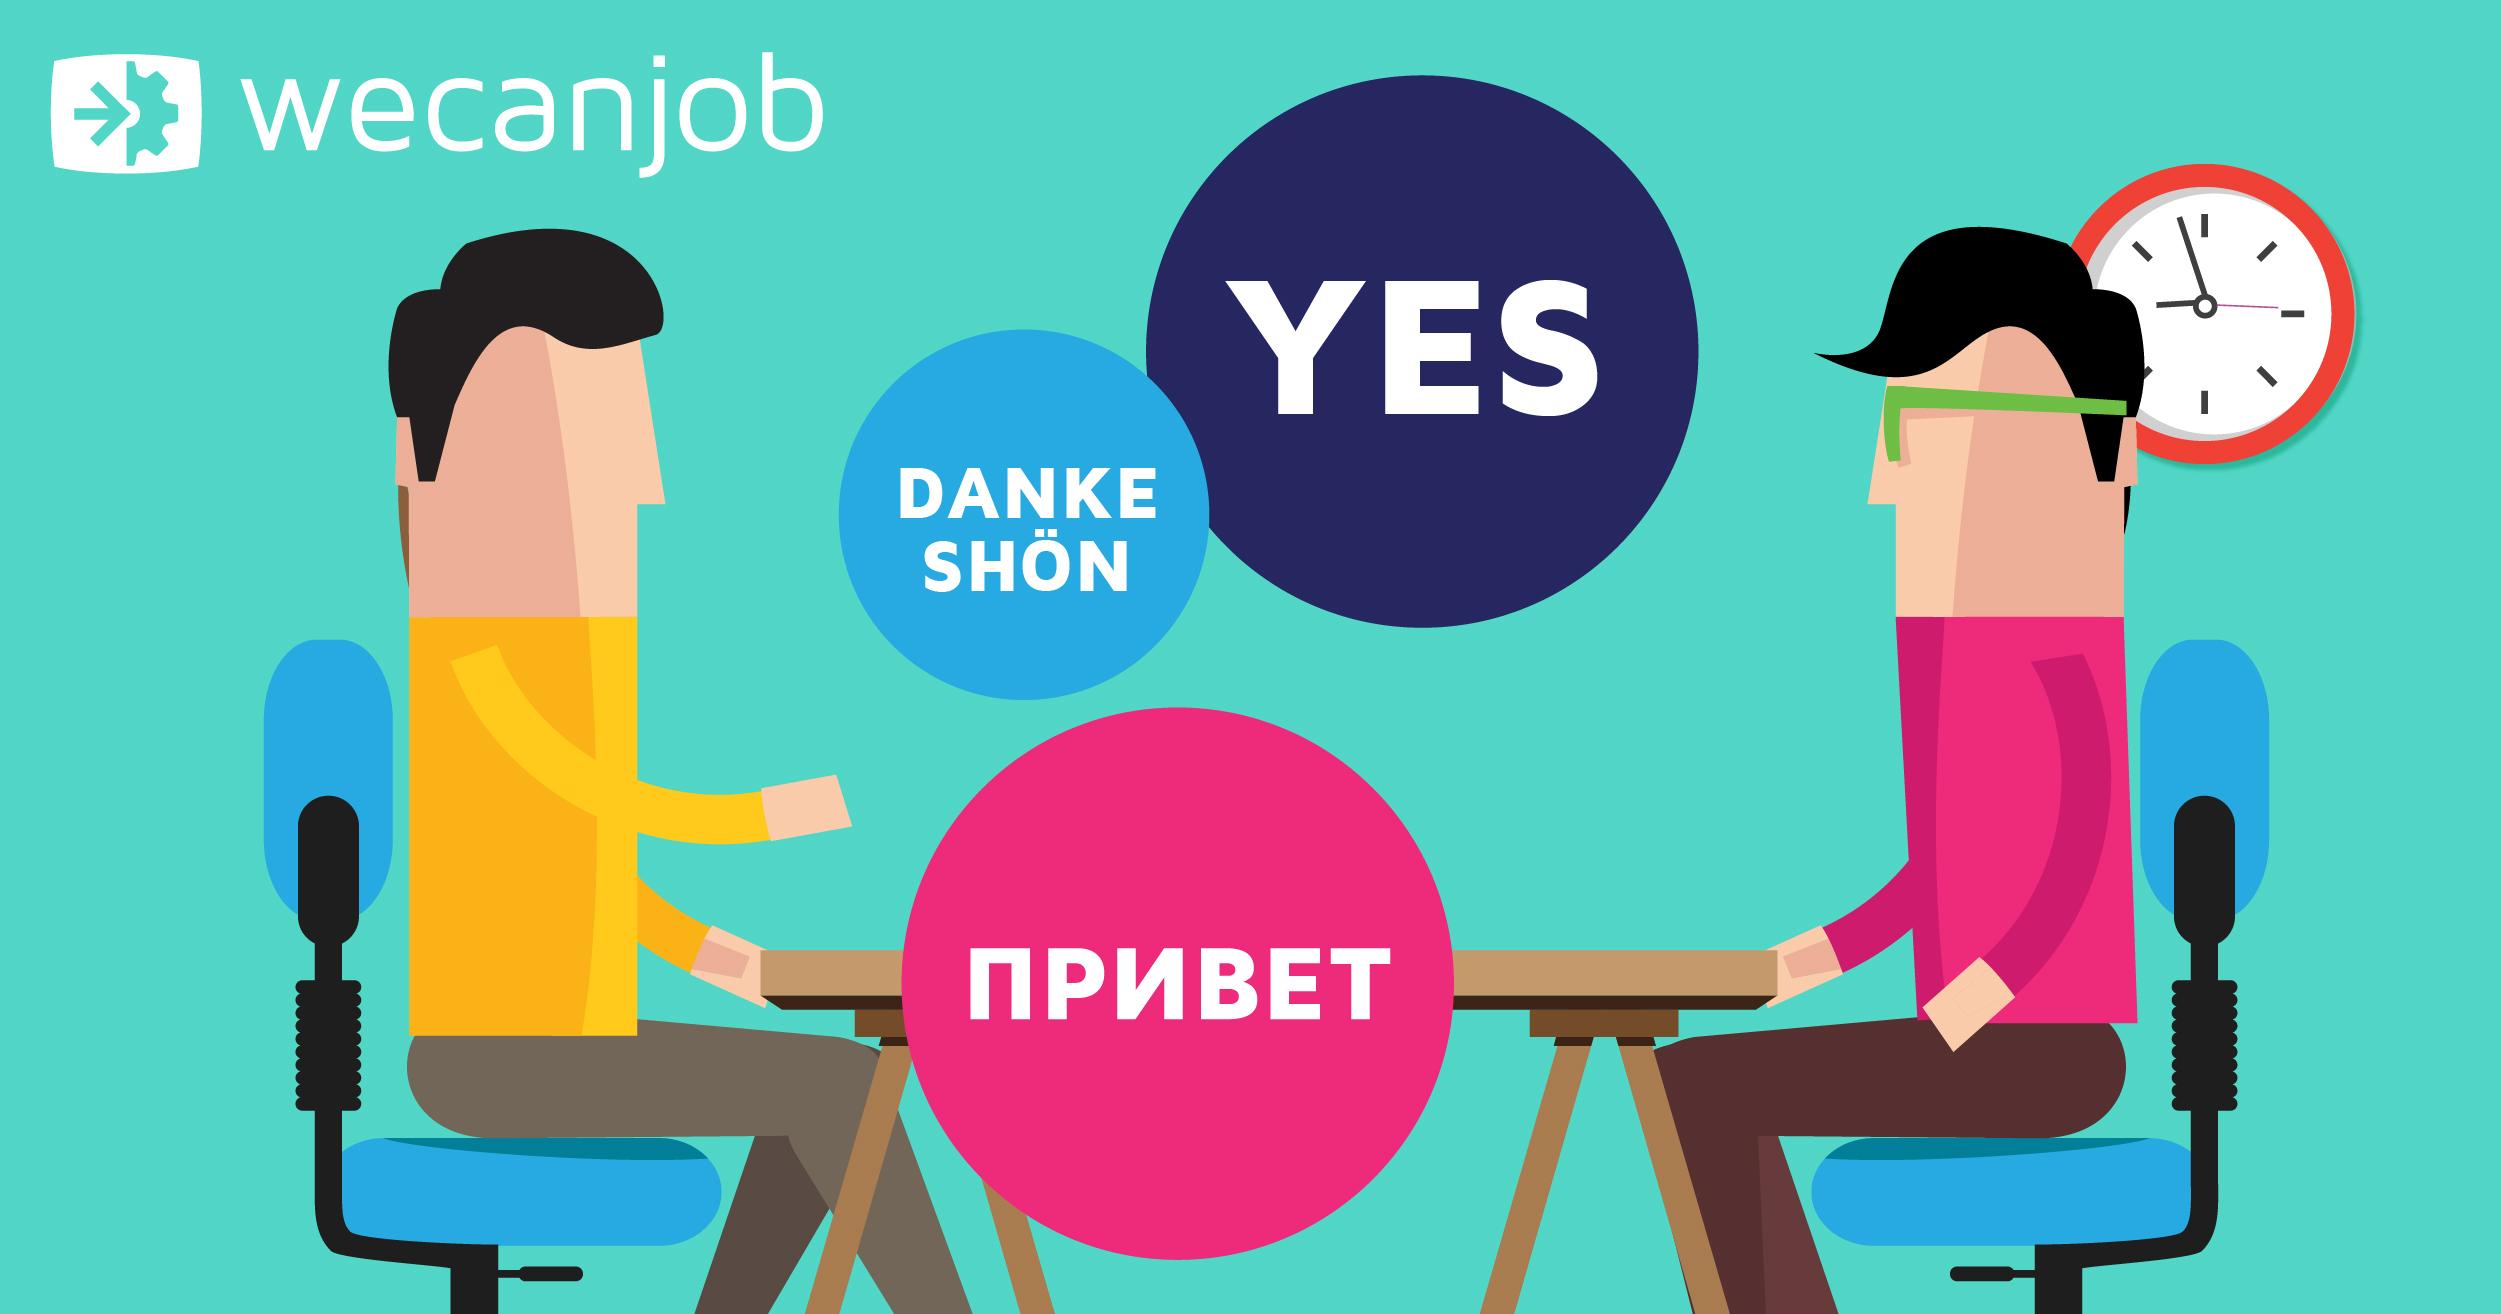 Studiare le lingue fa trovare lavoro. Quali sono le lingue straniere più richieste dal mondo del lavoro?